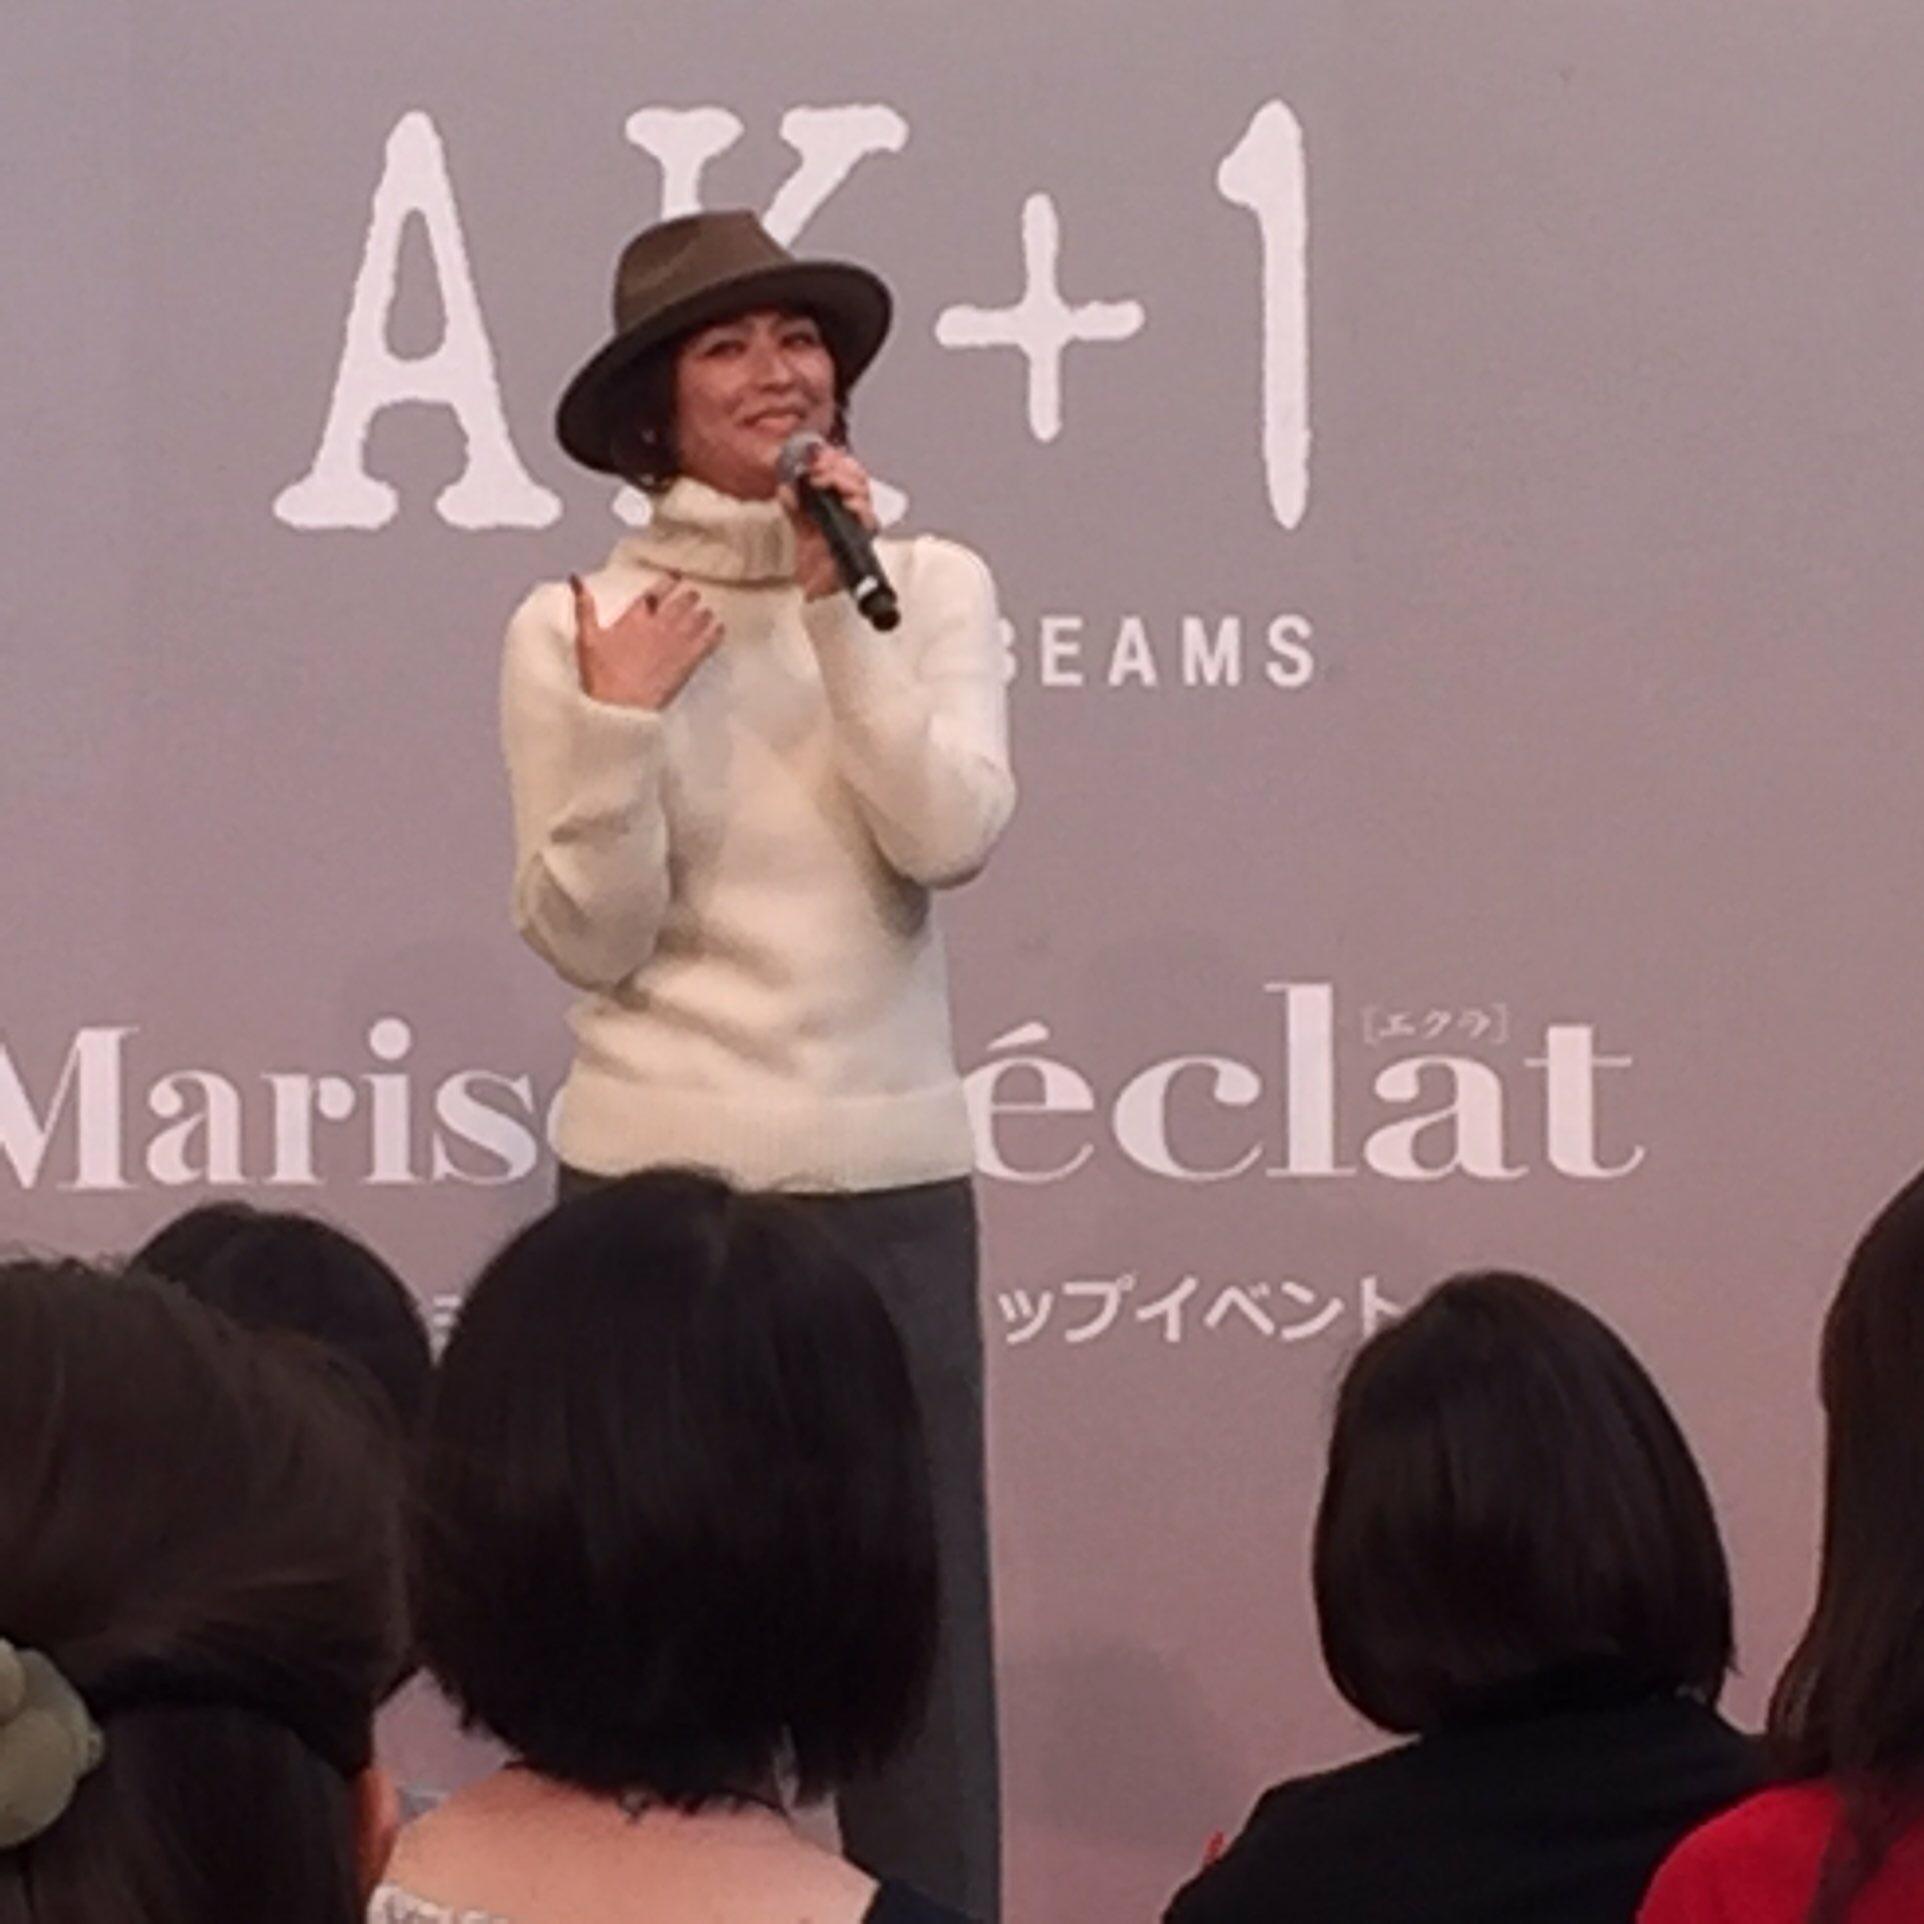 亜希さんに会えた♡AK+1 BY EFFE BEAMSイベントへ_1_2